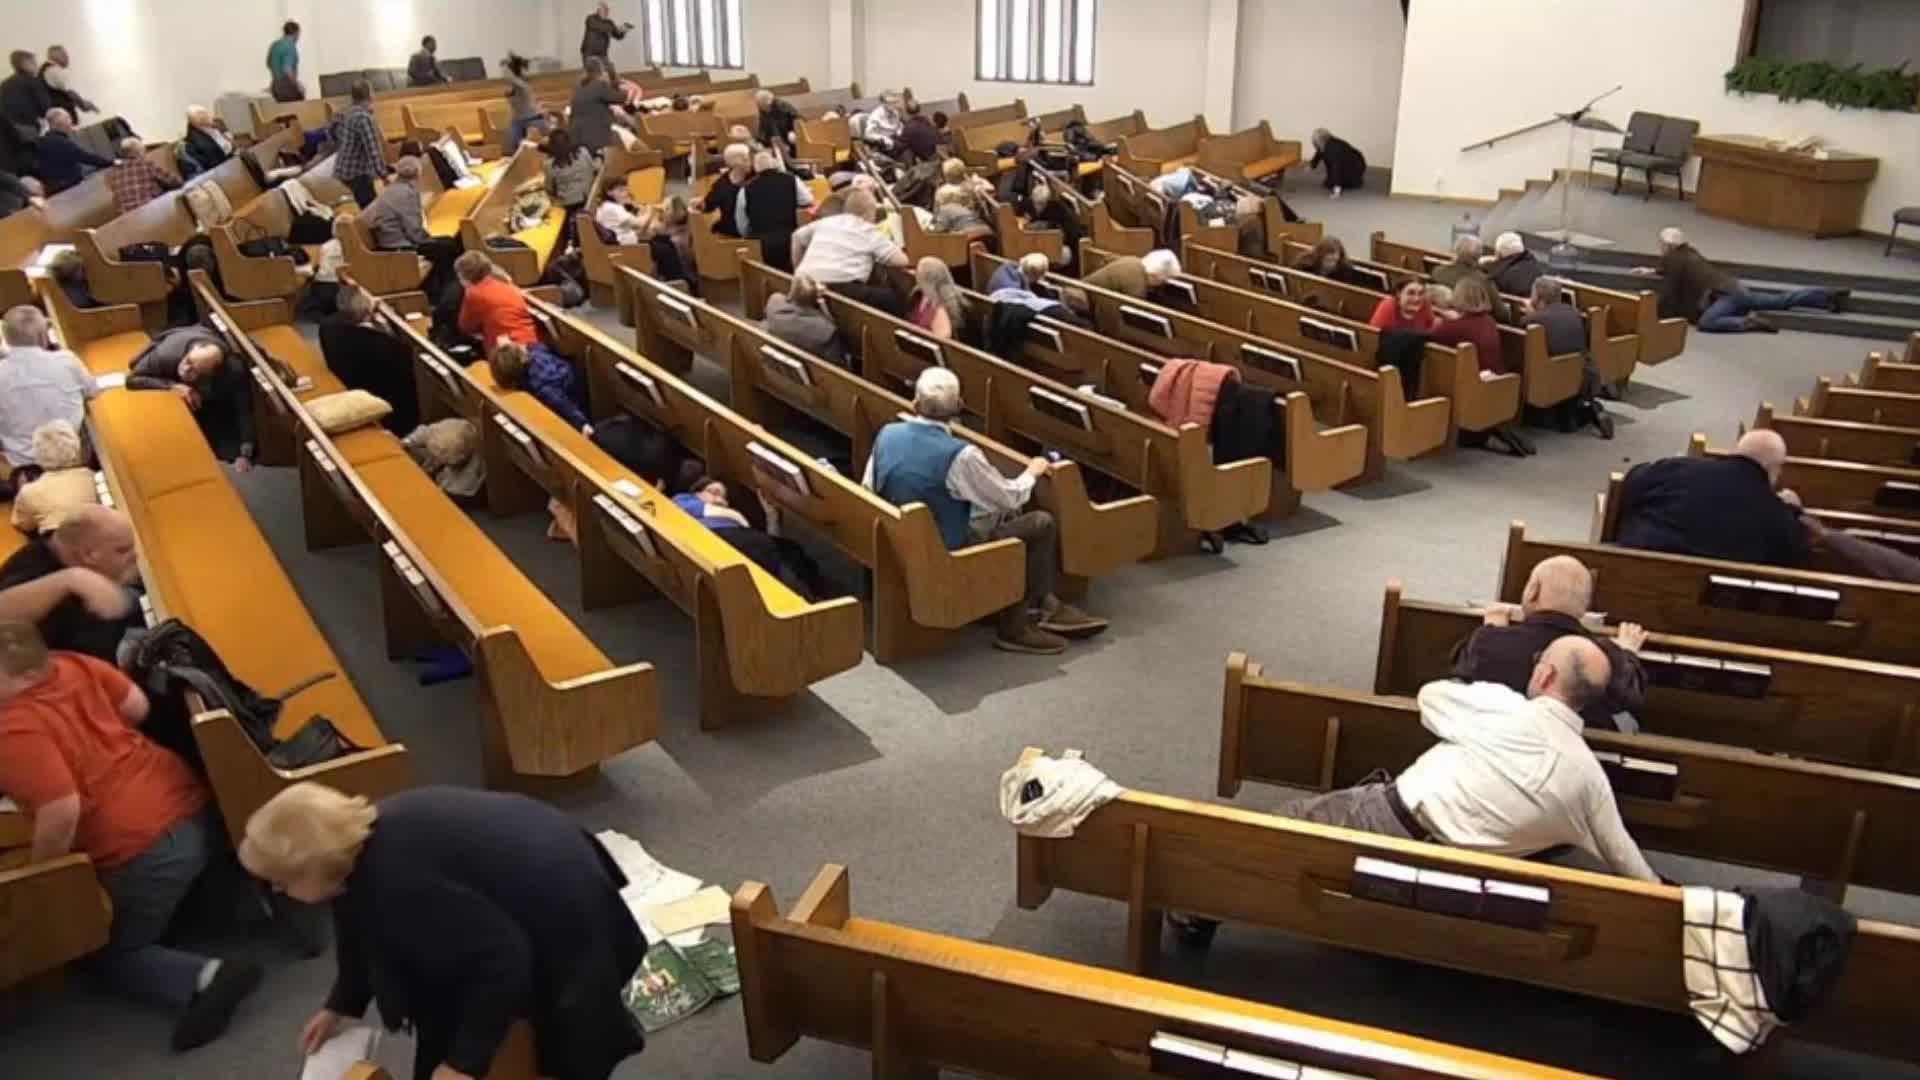 White Settlement Church Shooting